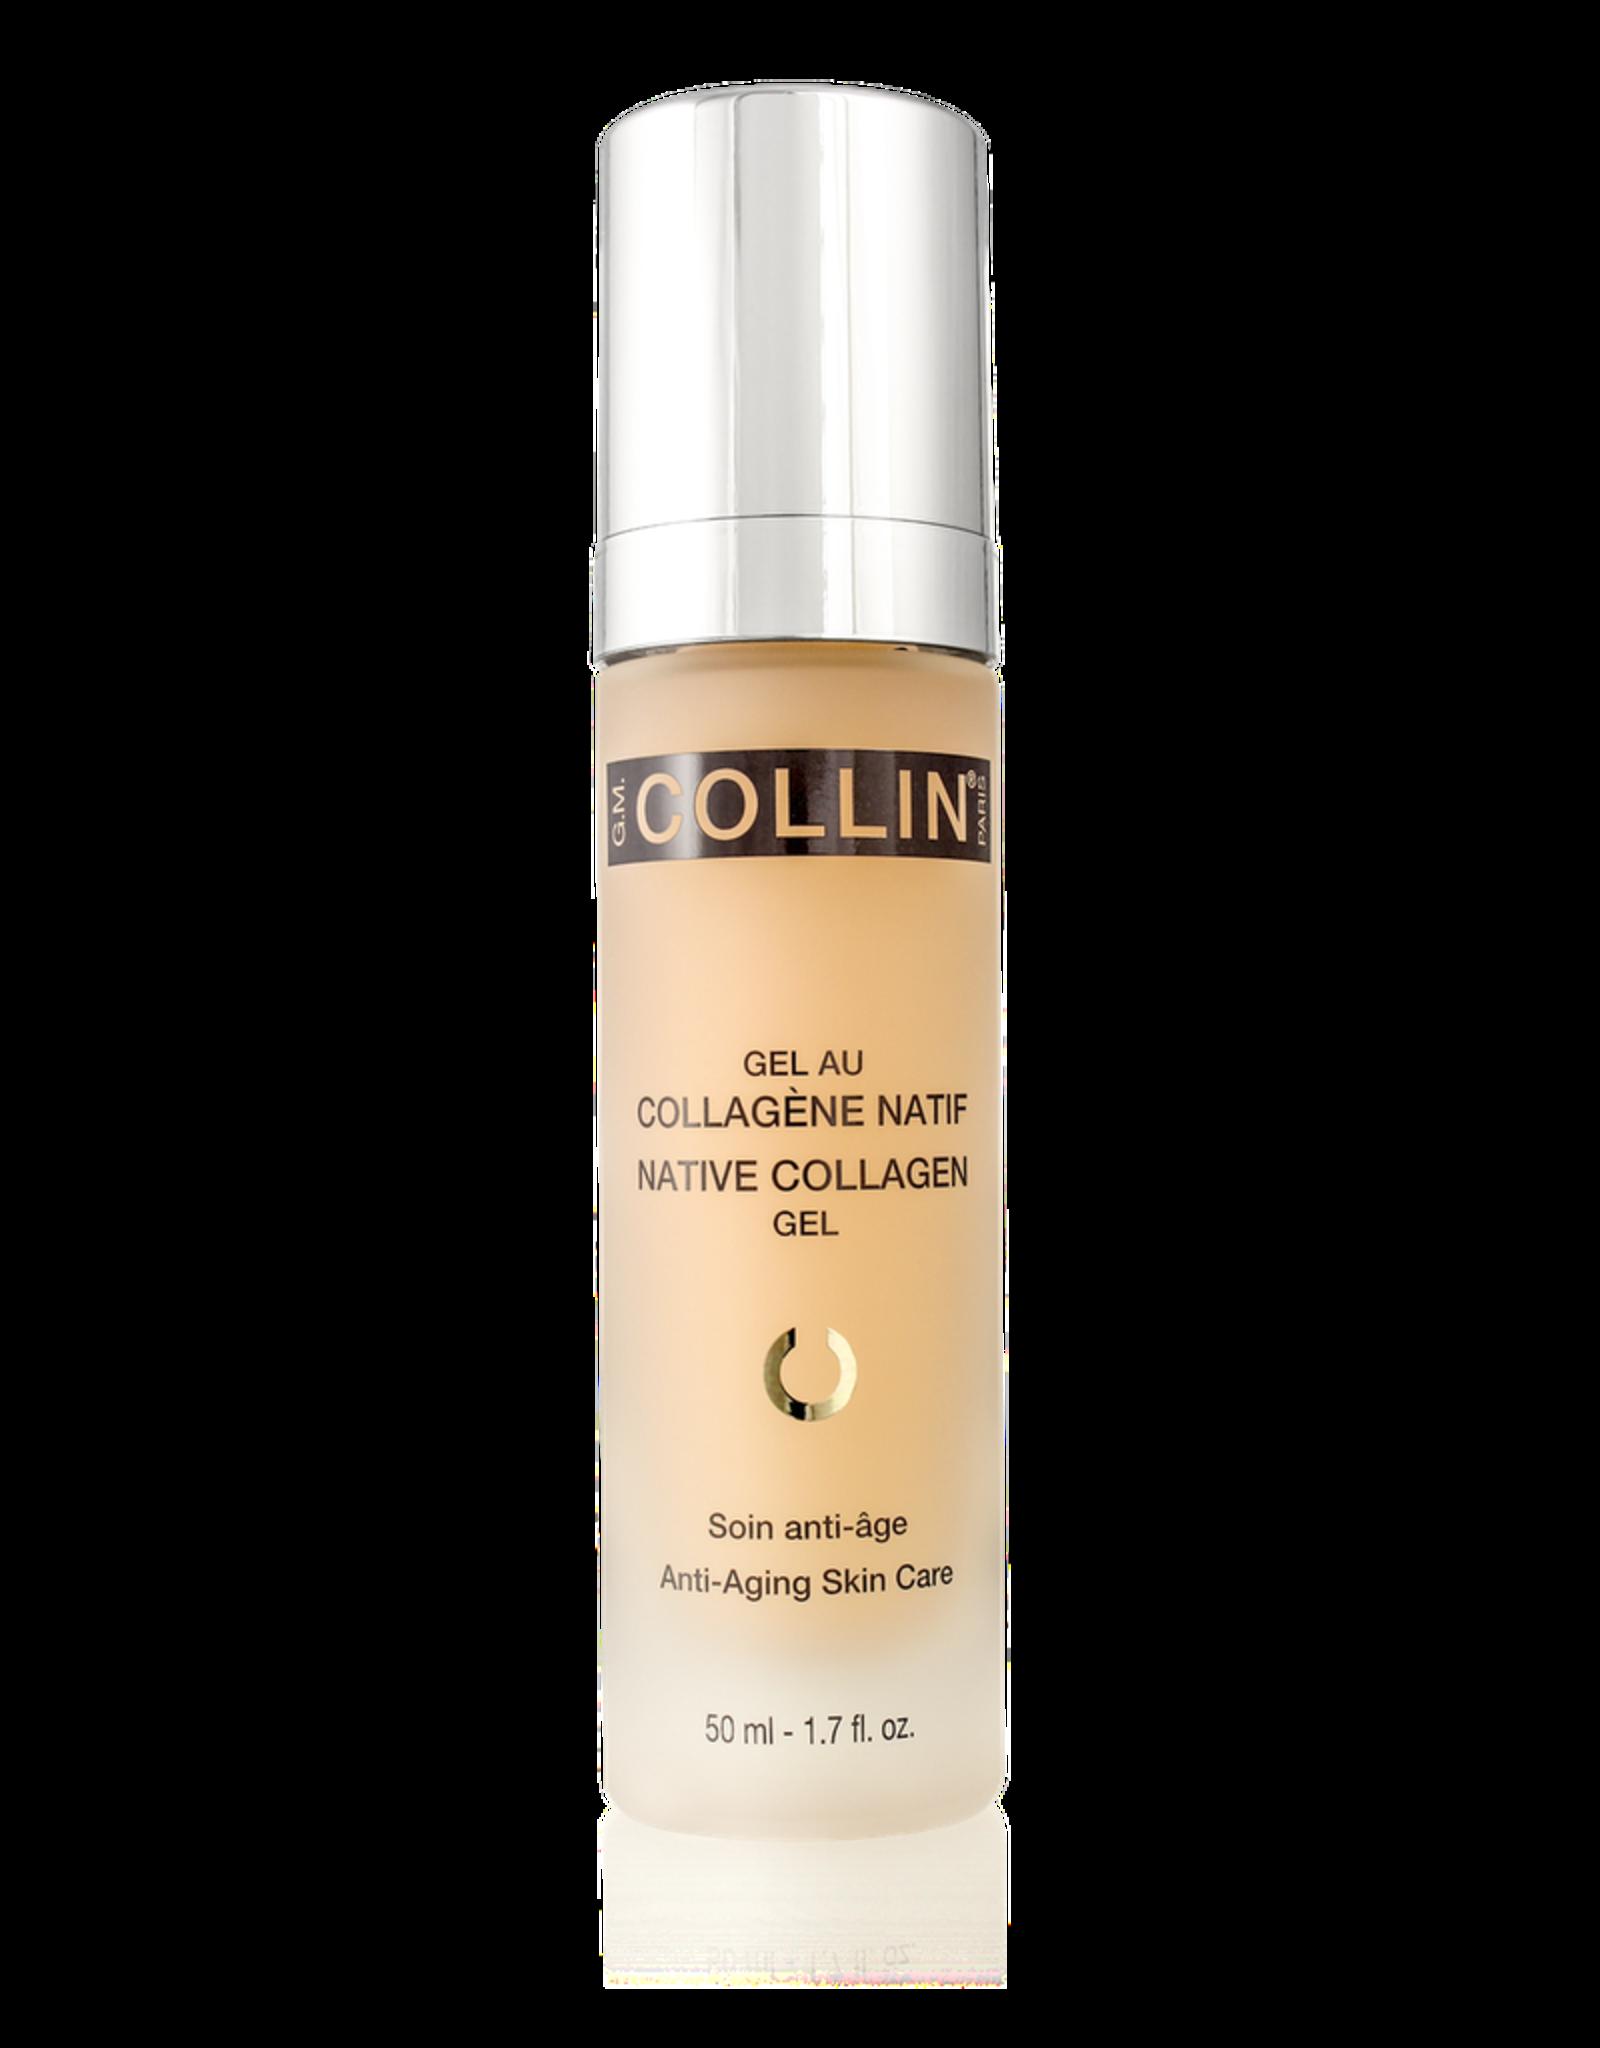 GM Collin G.M. Collin Native Collagen Gel, 50ml